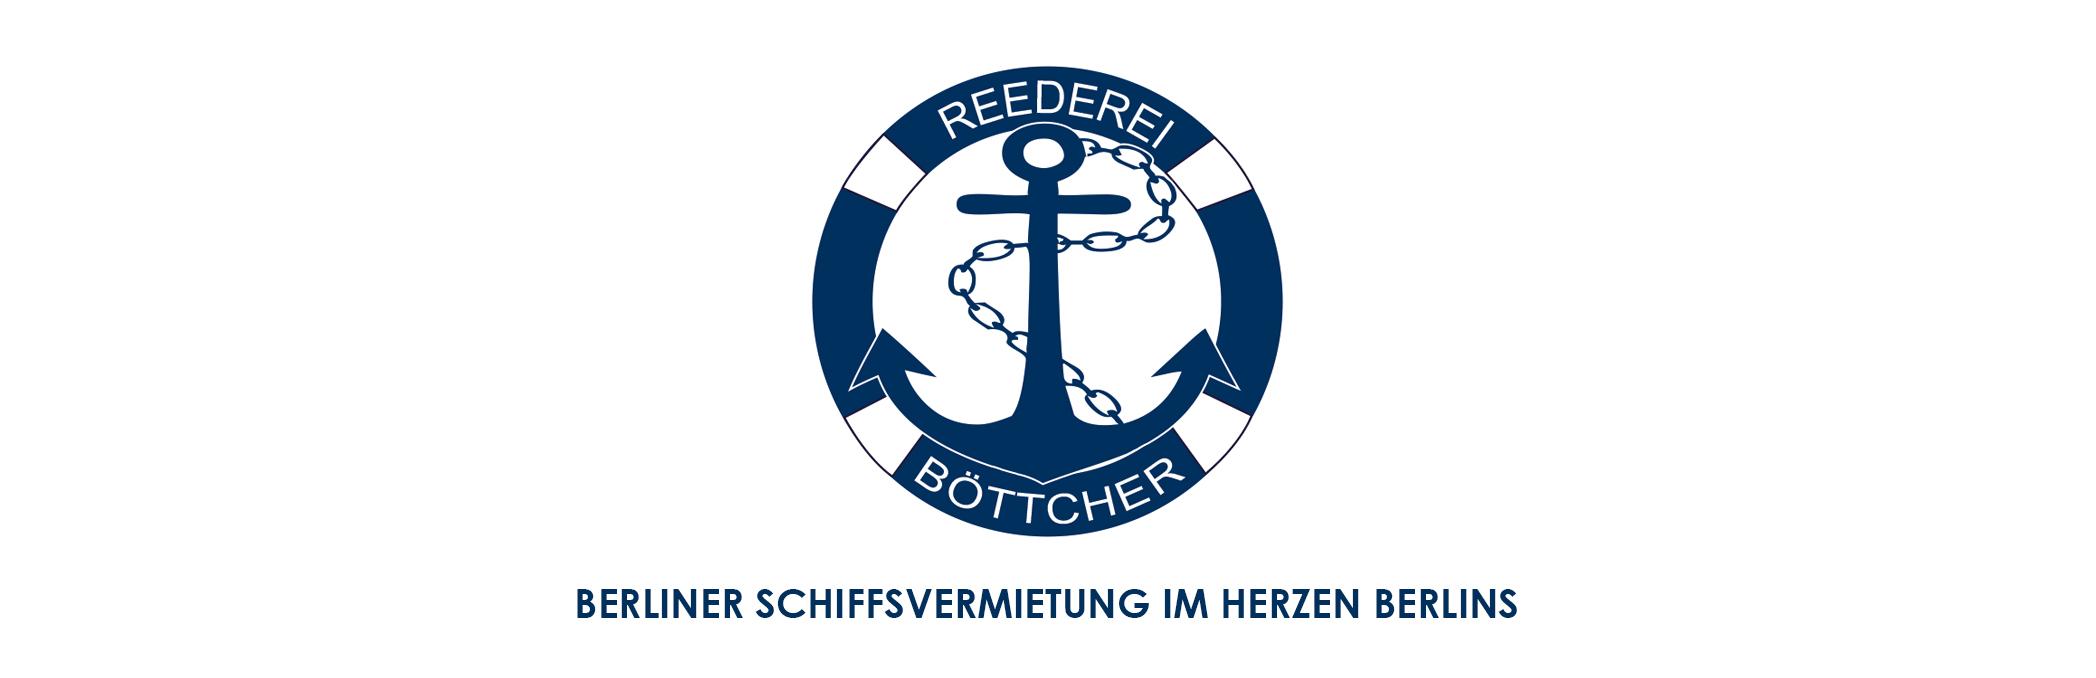 Reederei Böttcher